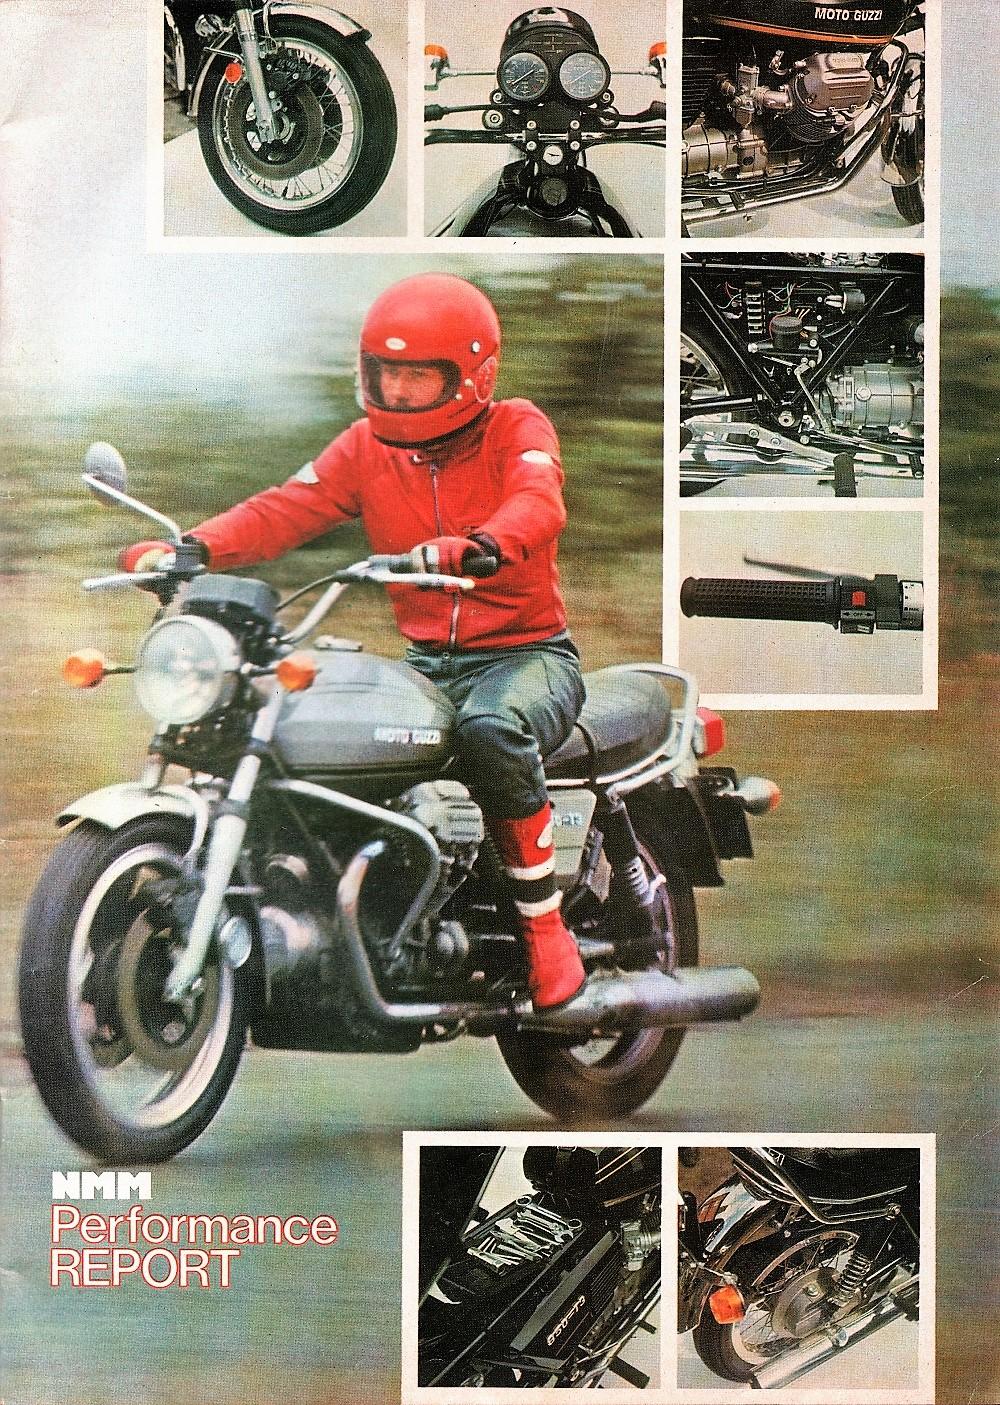 1976 Moto Guzzi T3 850 road test.2.jpg